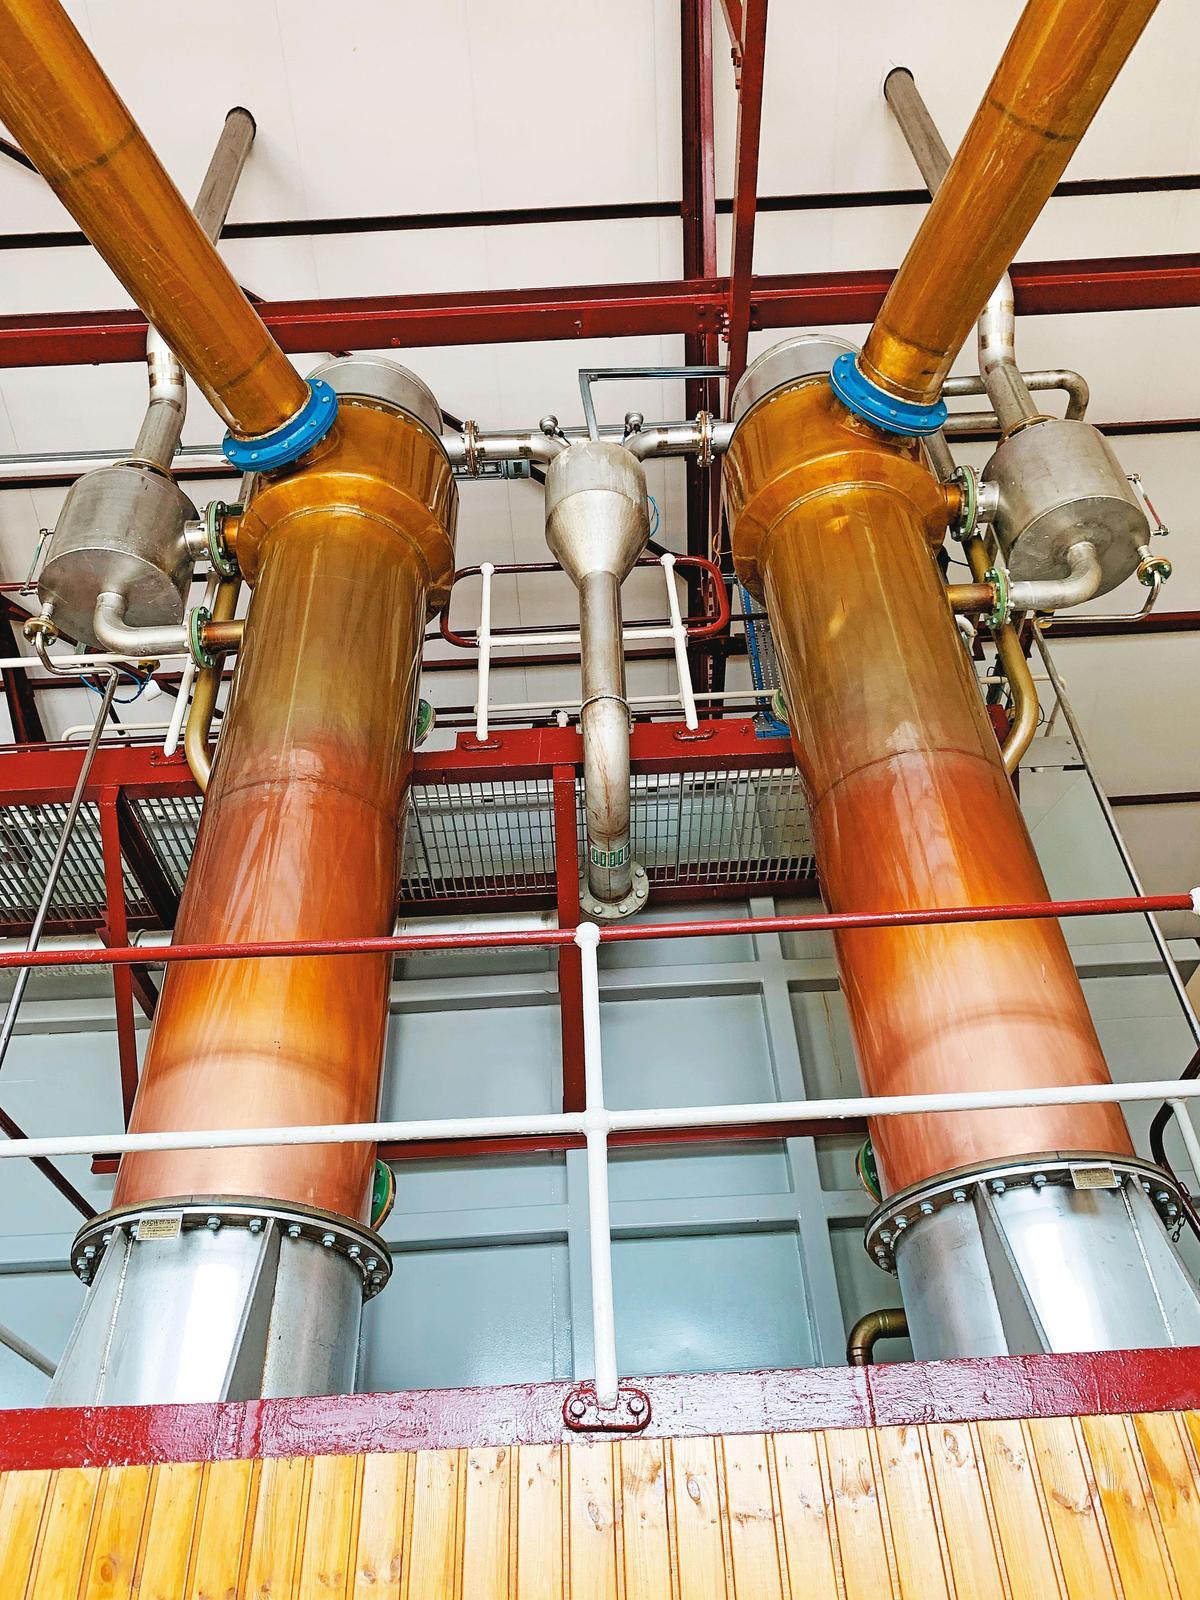 直立的冷凝管旁邊可看到純化器,讓新酒酒質更加純淨,才不負皇家英名。